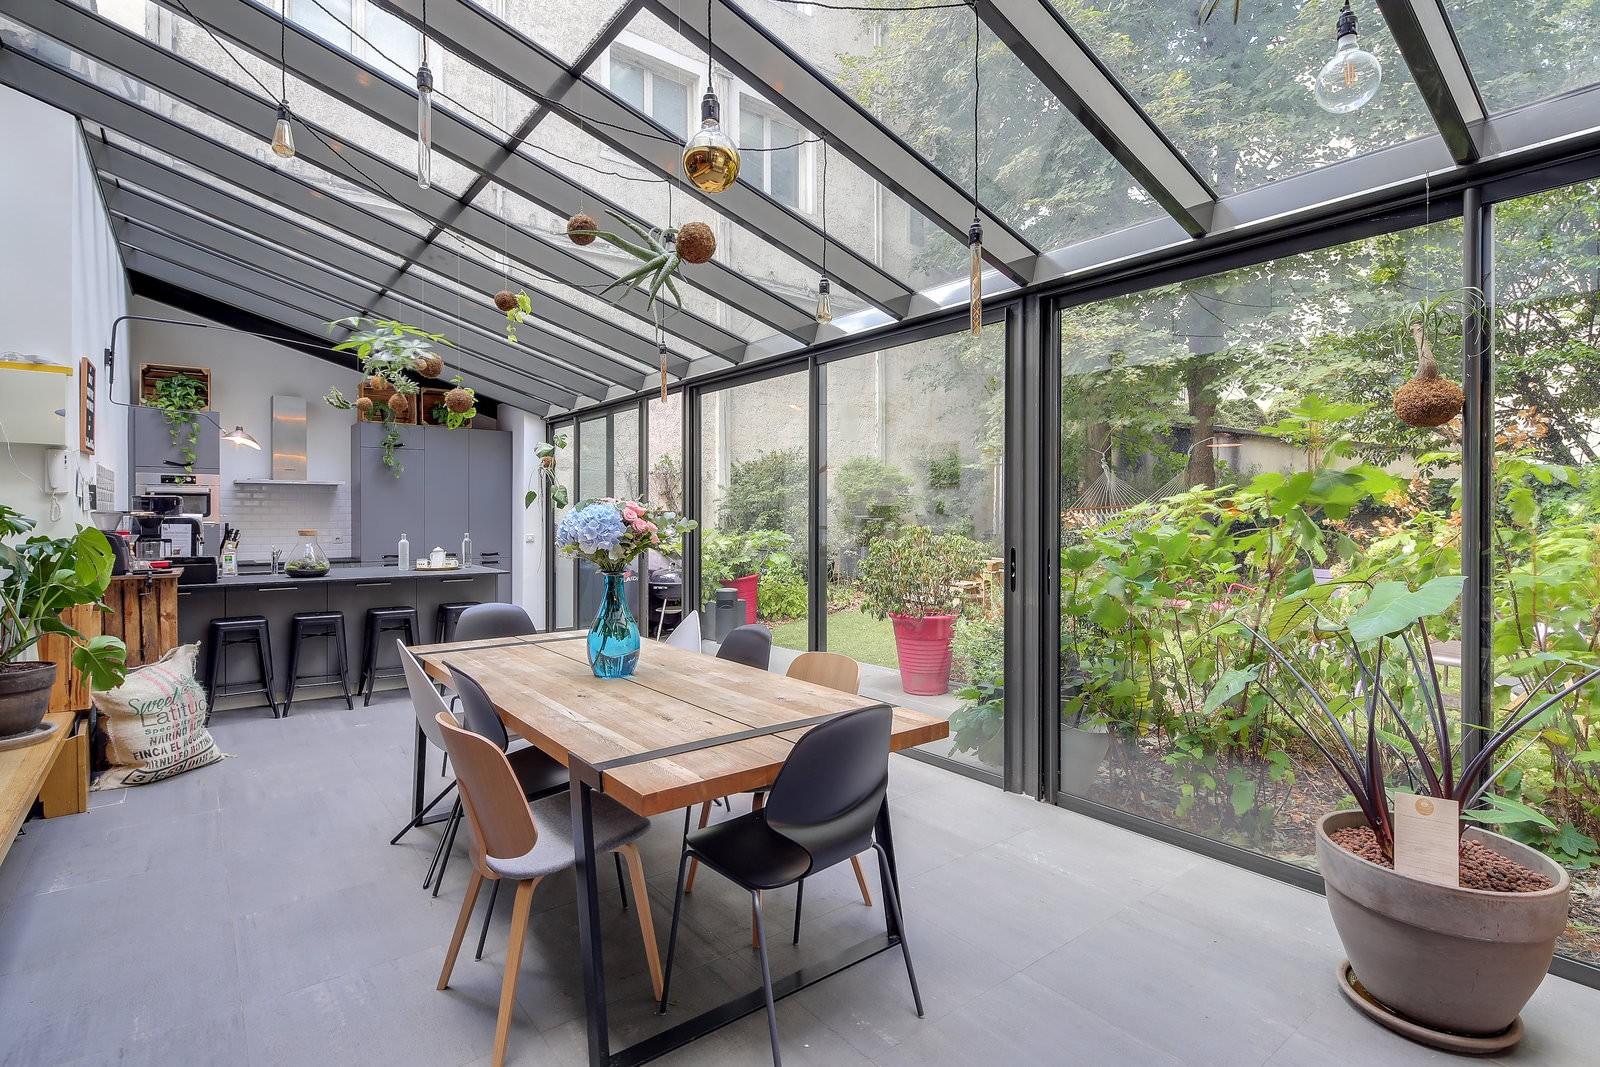 Maison moderne avec verrière, salle à manger lumineuse avec vue sur jardin